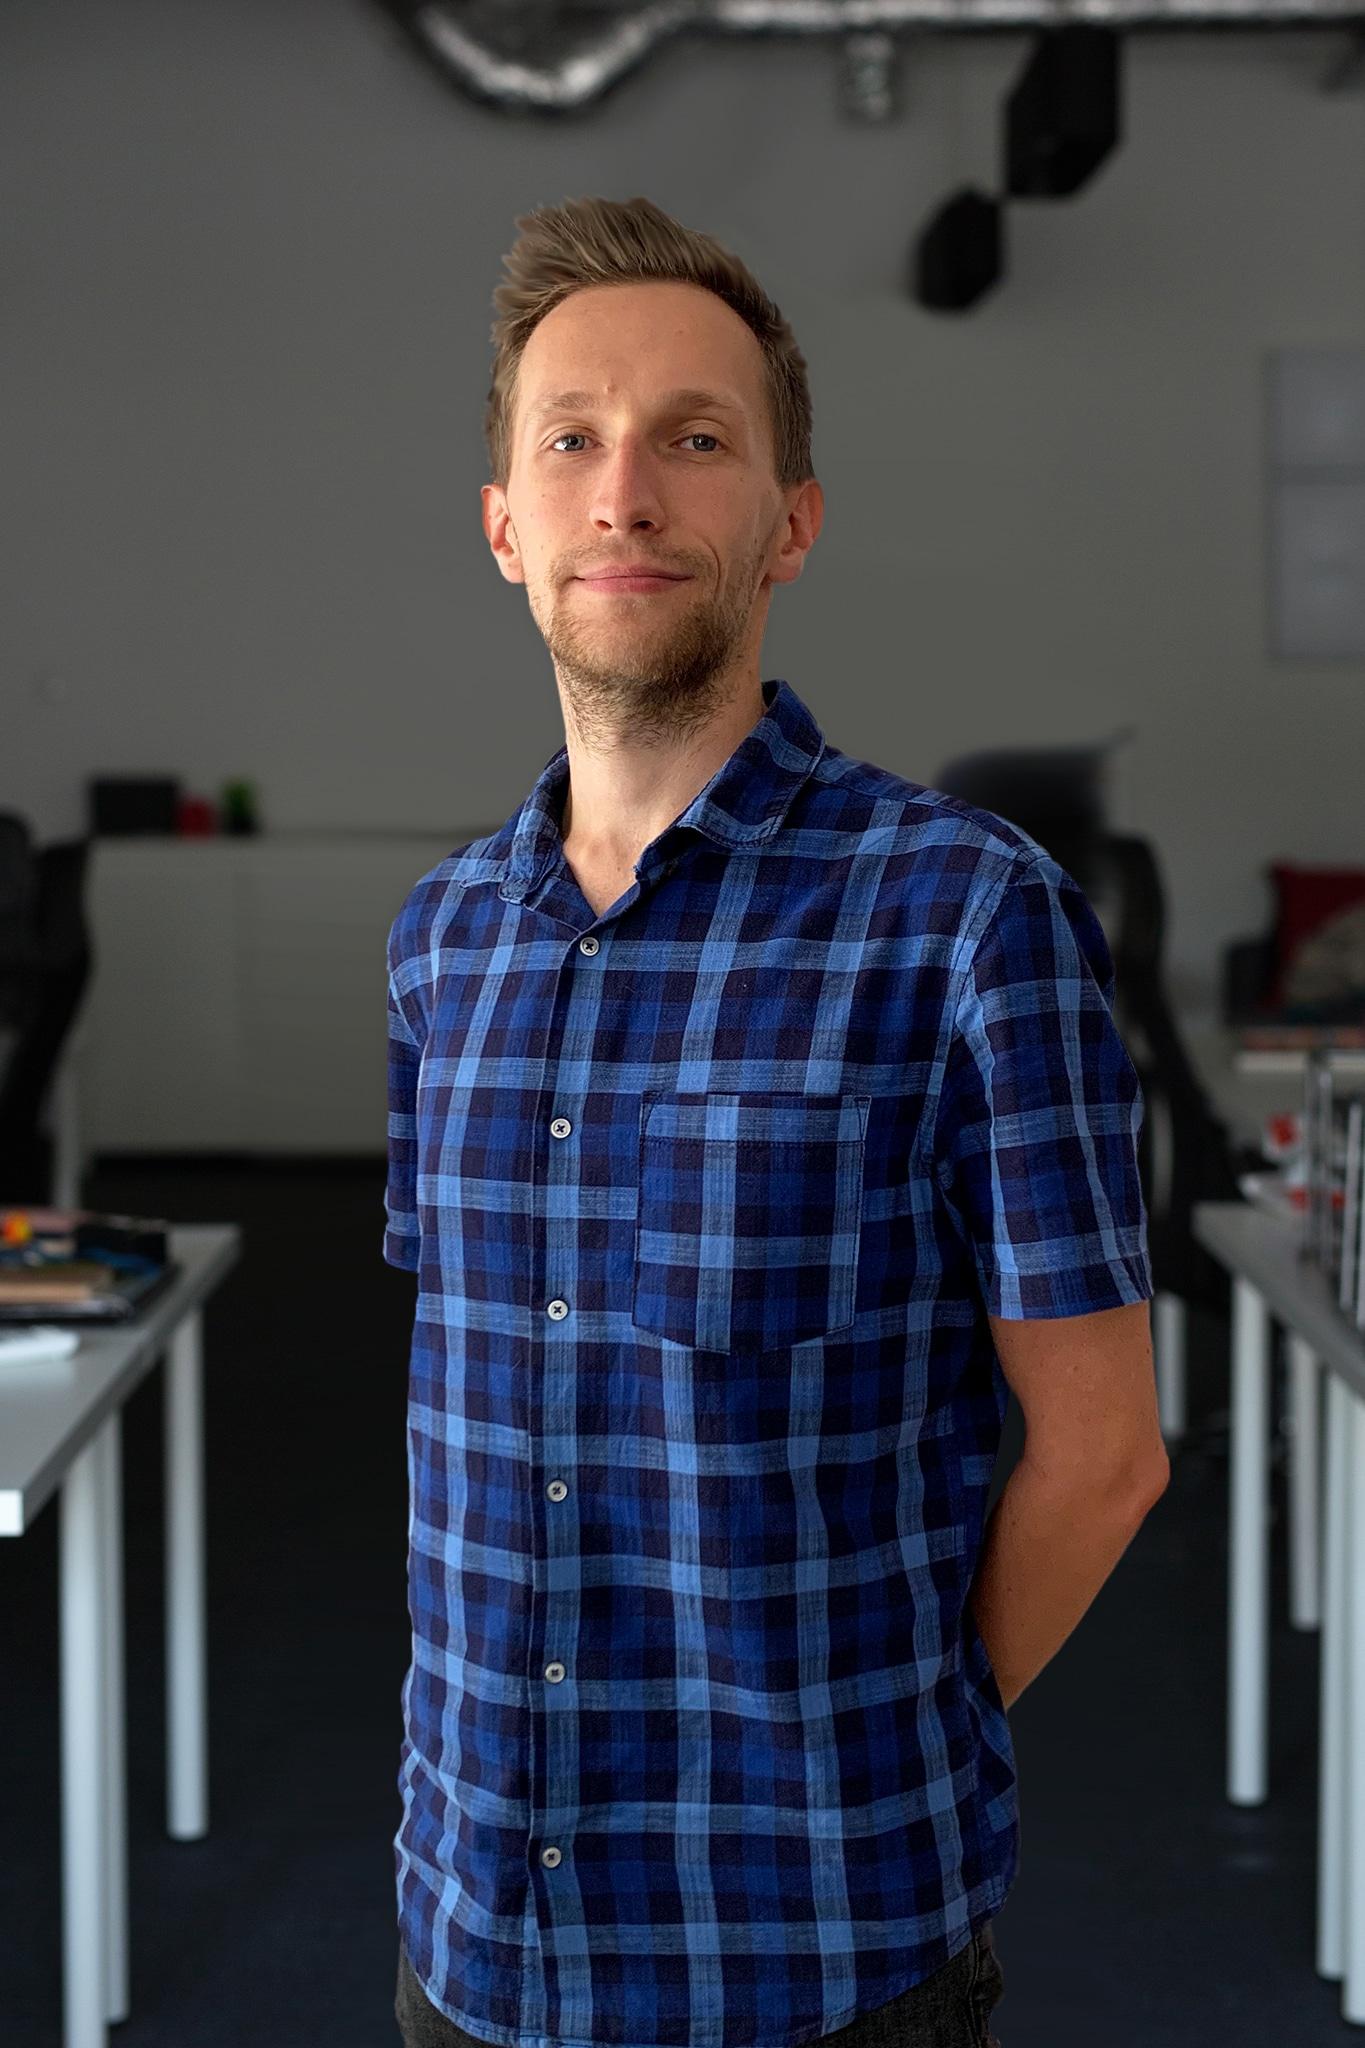 Zdjęcie profilowe rekrutera IT w biurze Humeo w Krakowie - Michał Magiera